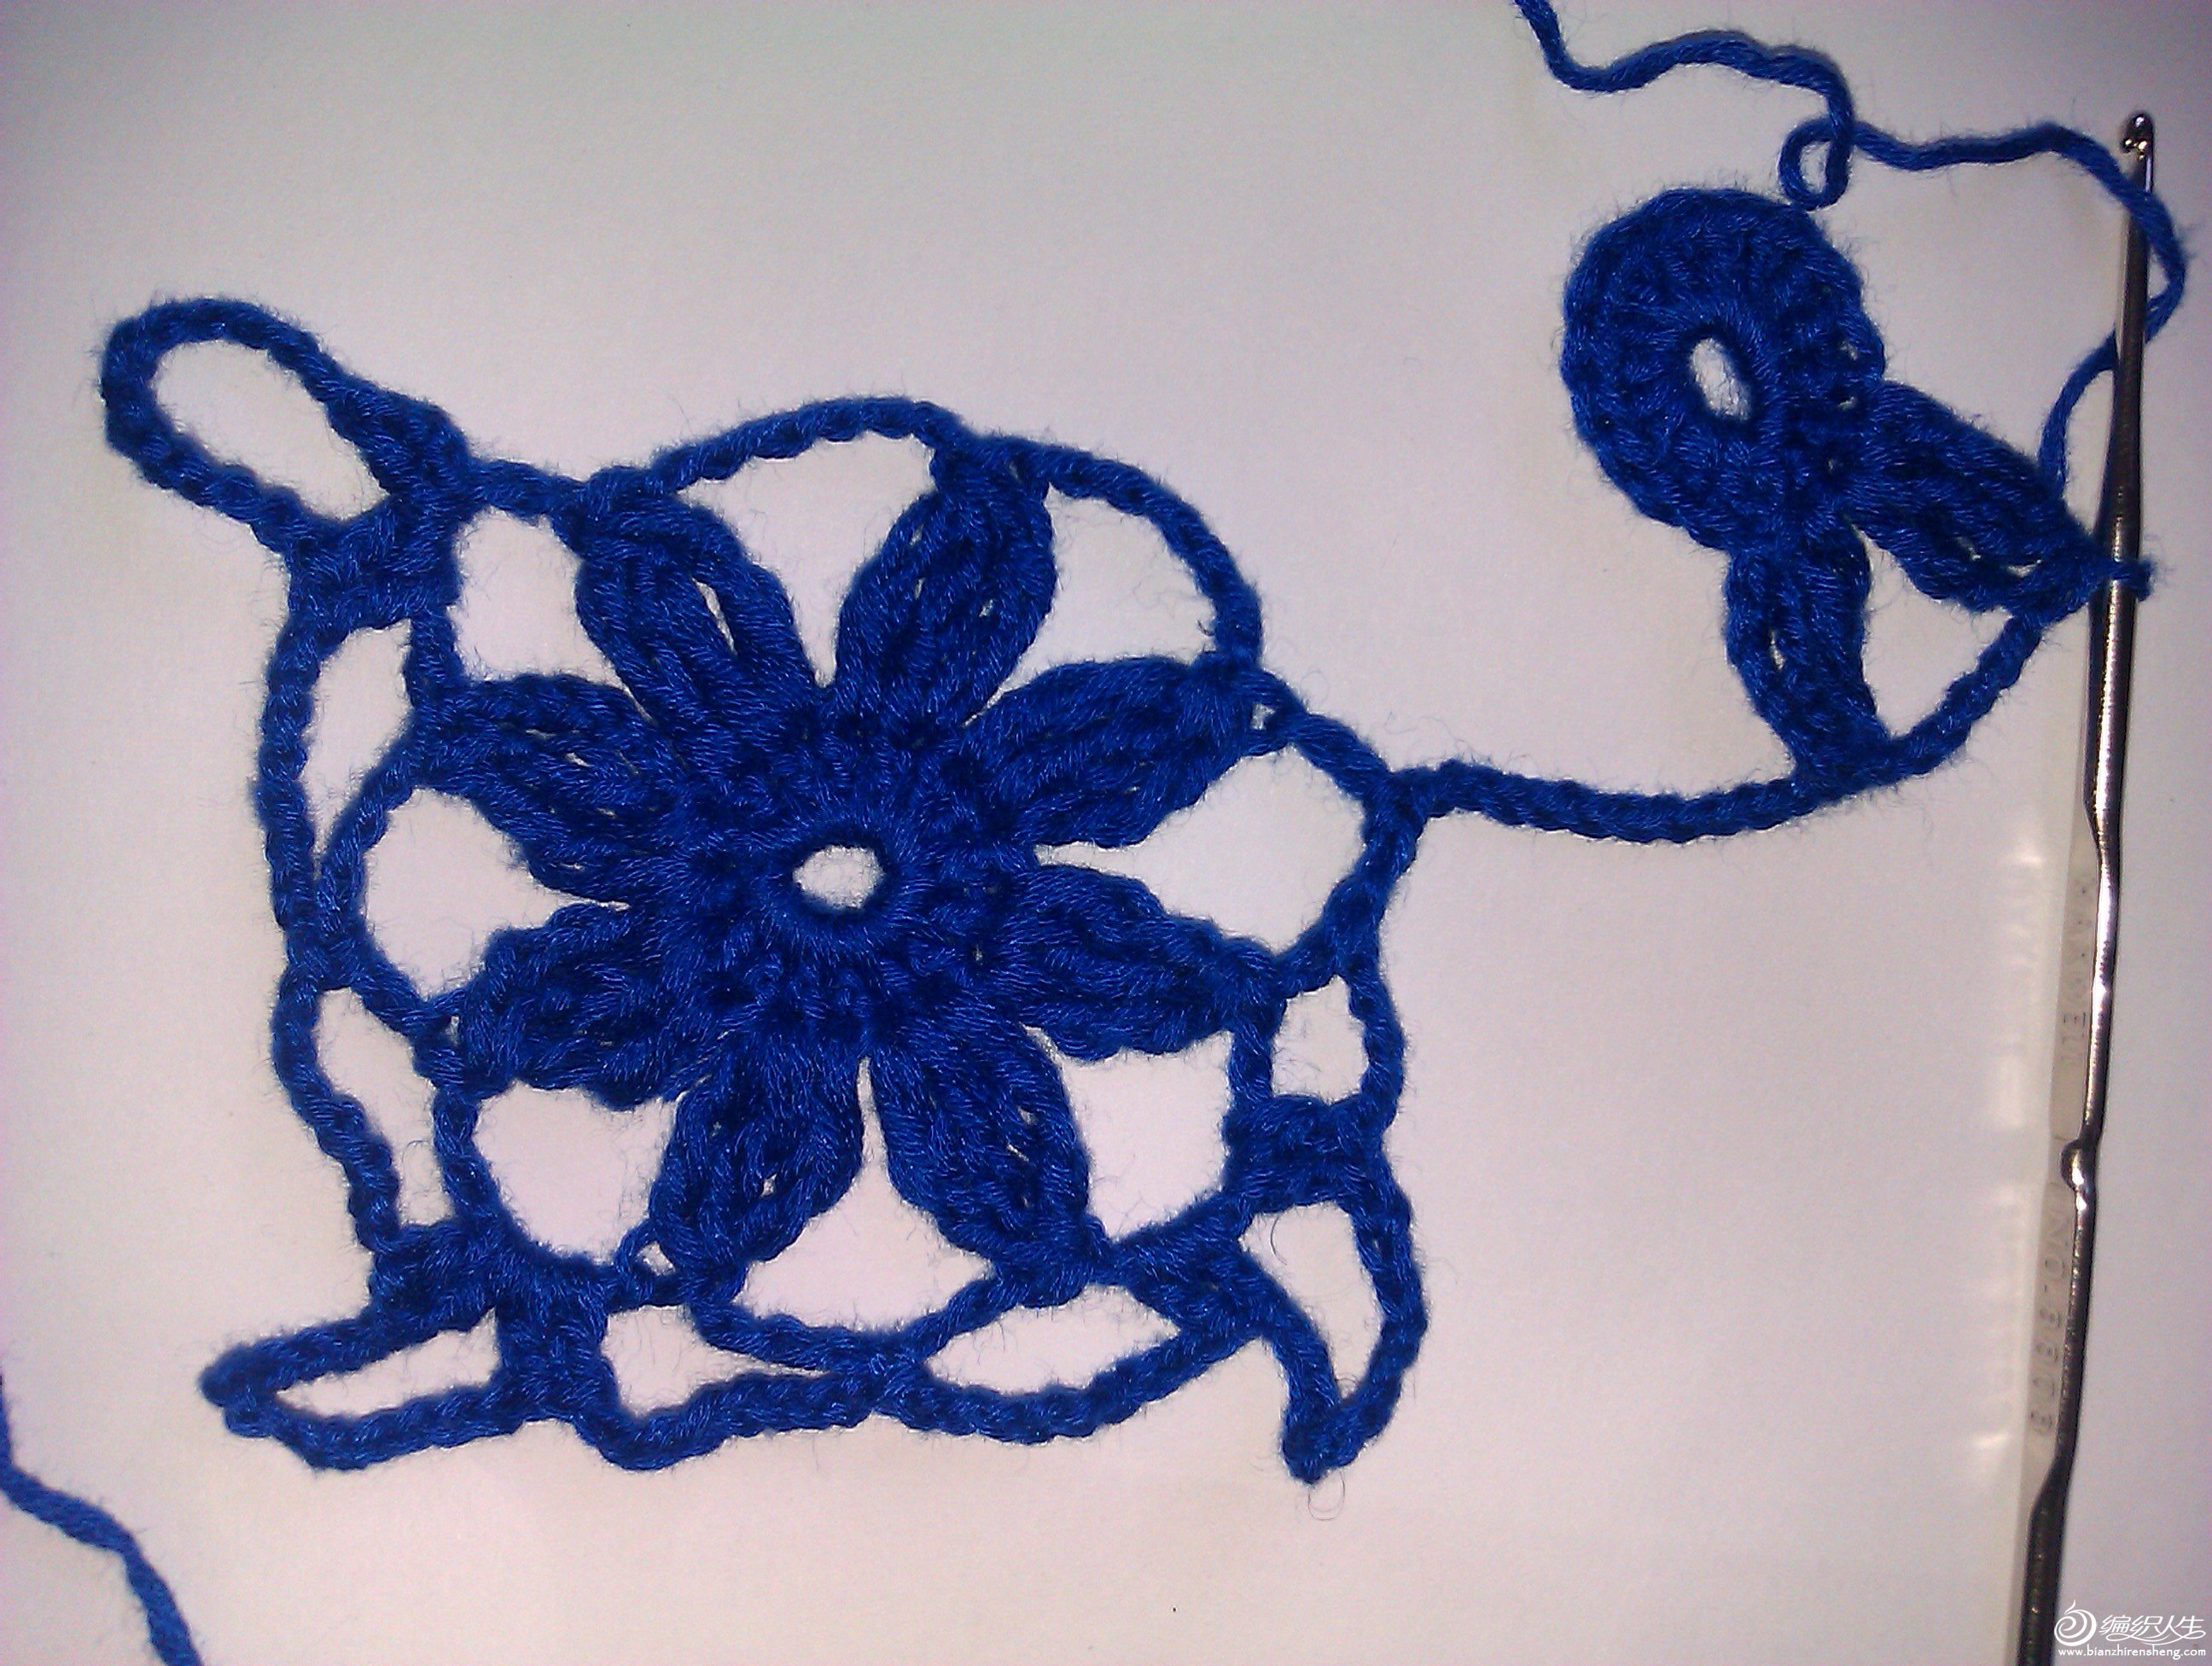 外圈8个辫子针4个角是13辫子